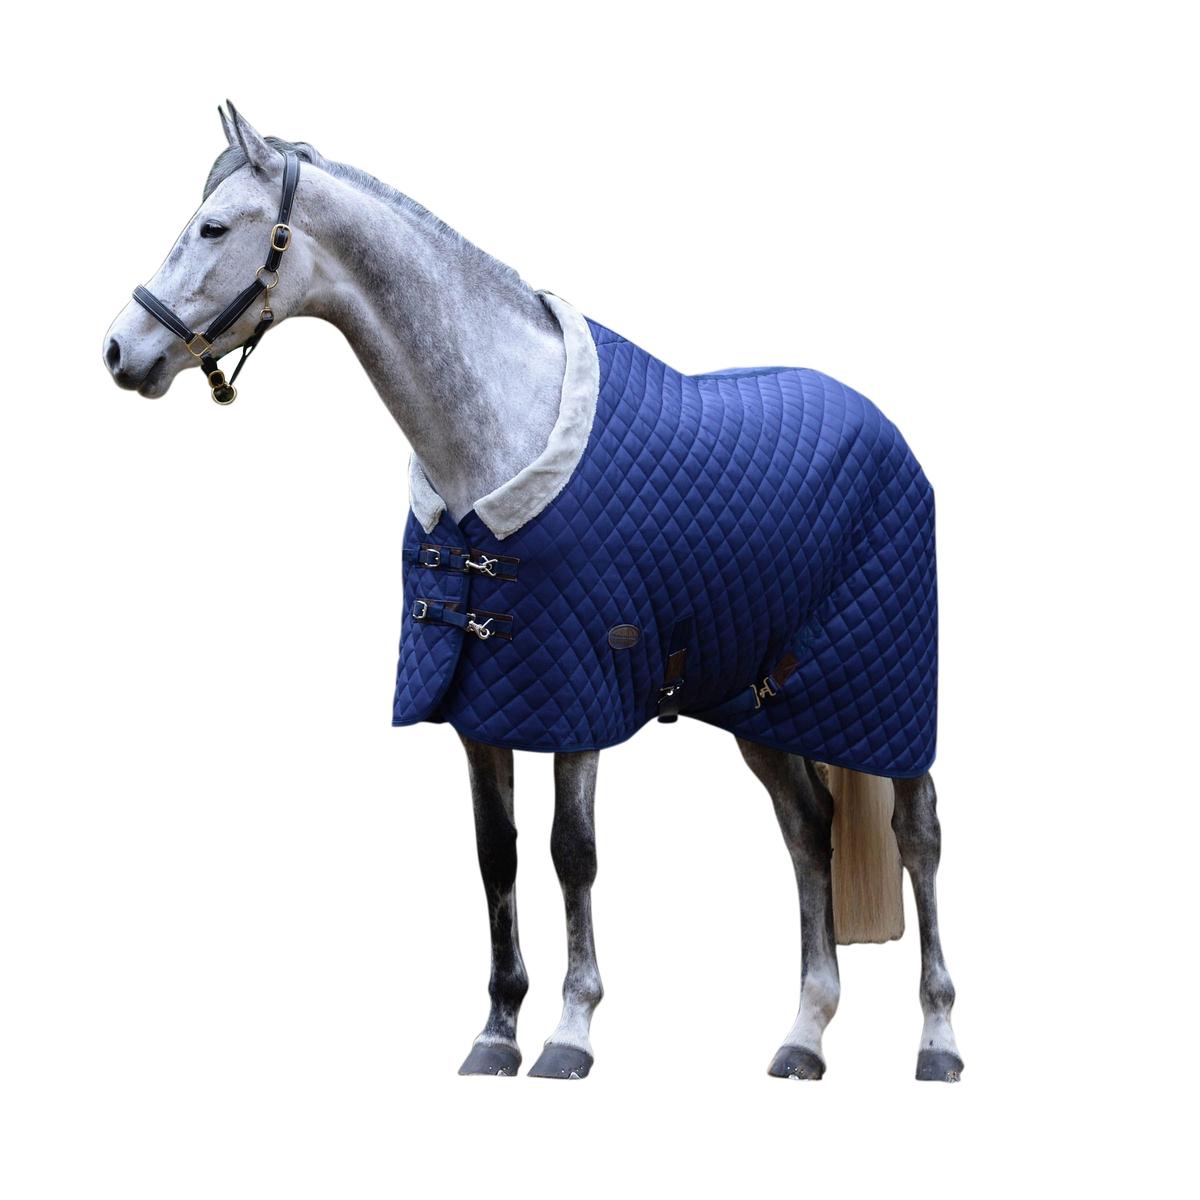 (ウェザビータ) Weatherbeeta 馬用 Comfitec デラックス ダイアモンドキルト スタンダードネック ミディアム ステーブルラグ 馬着 乗馬 ホースライディング 【海外直送】